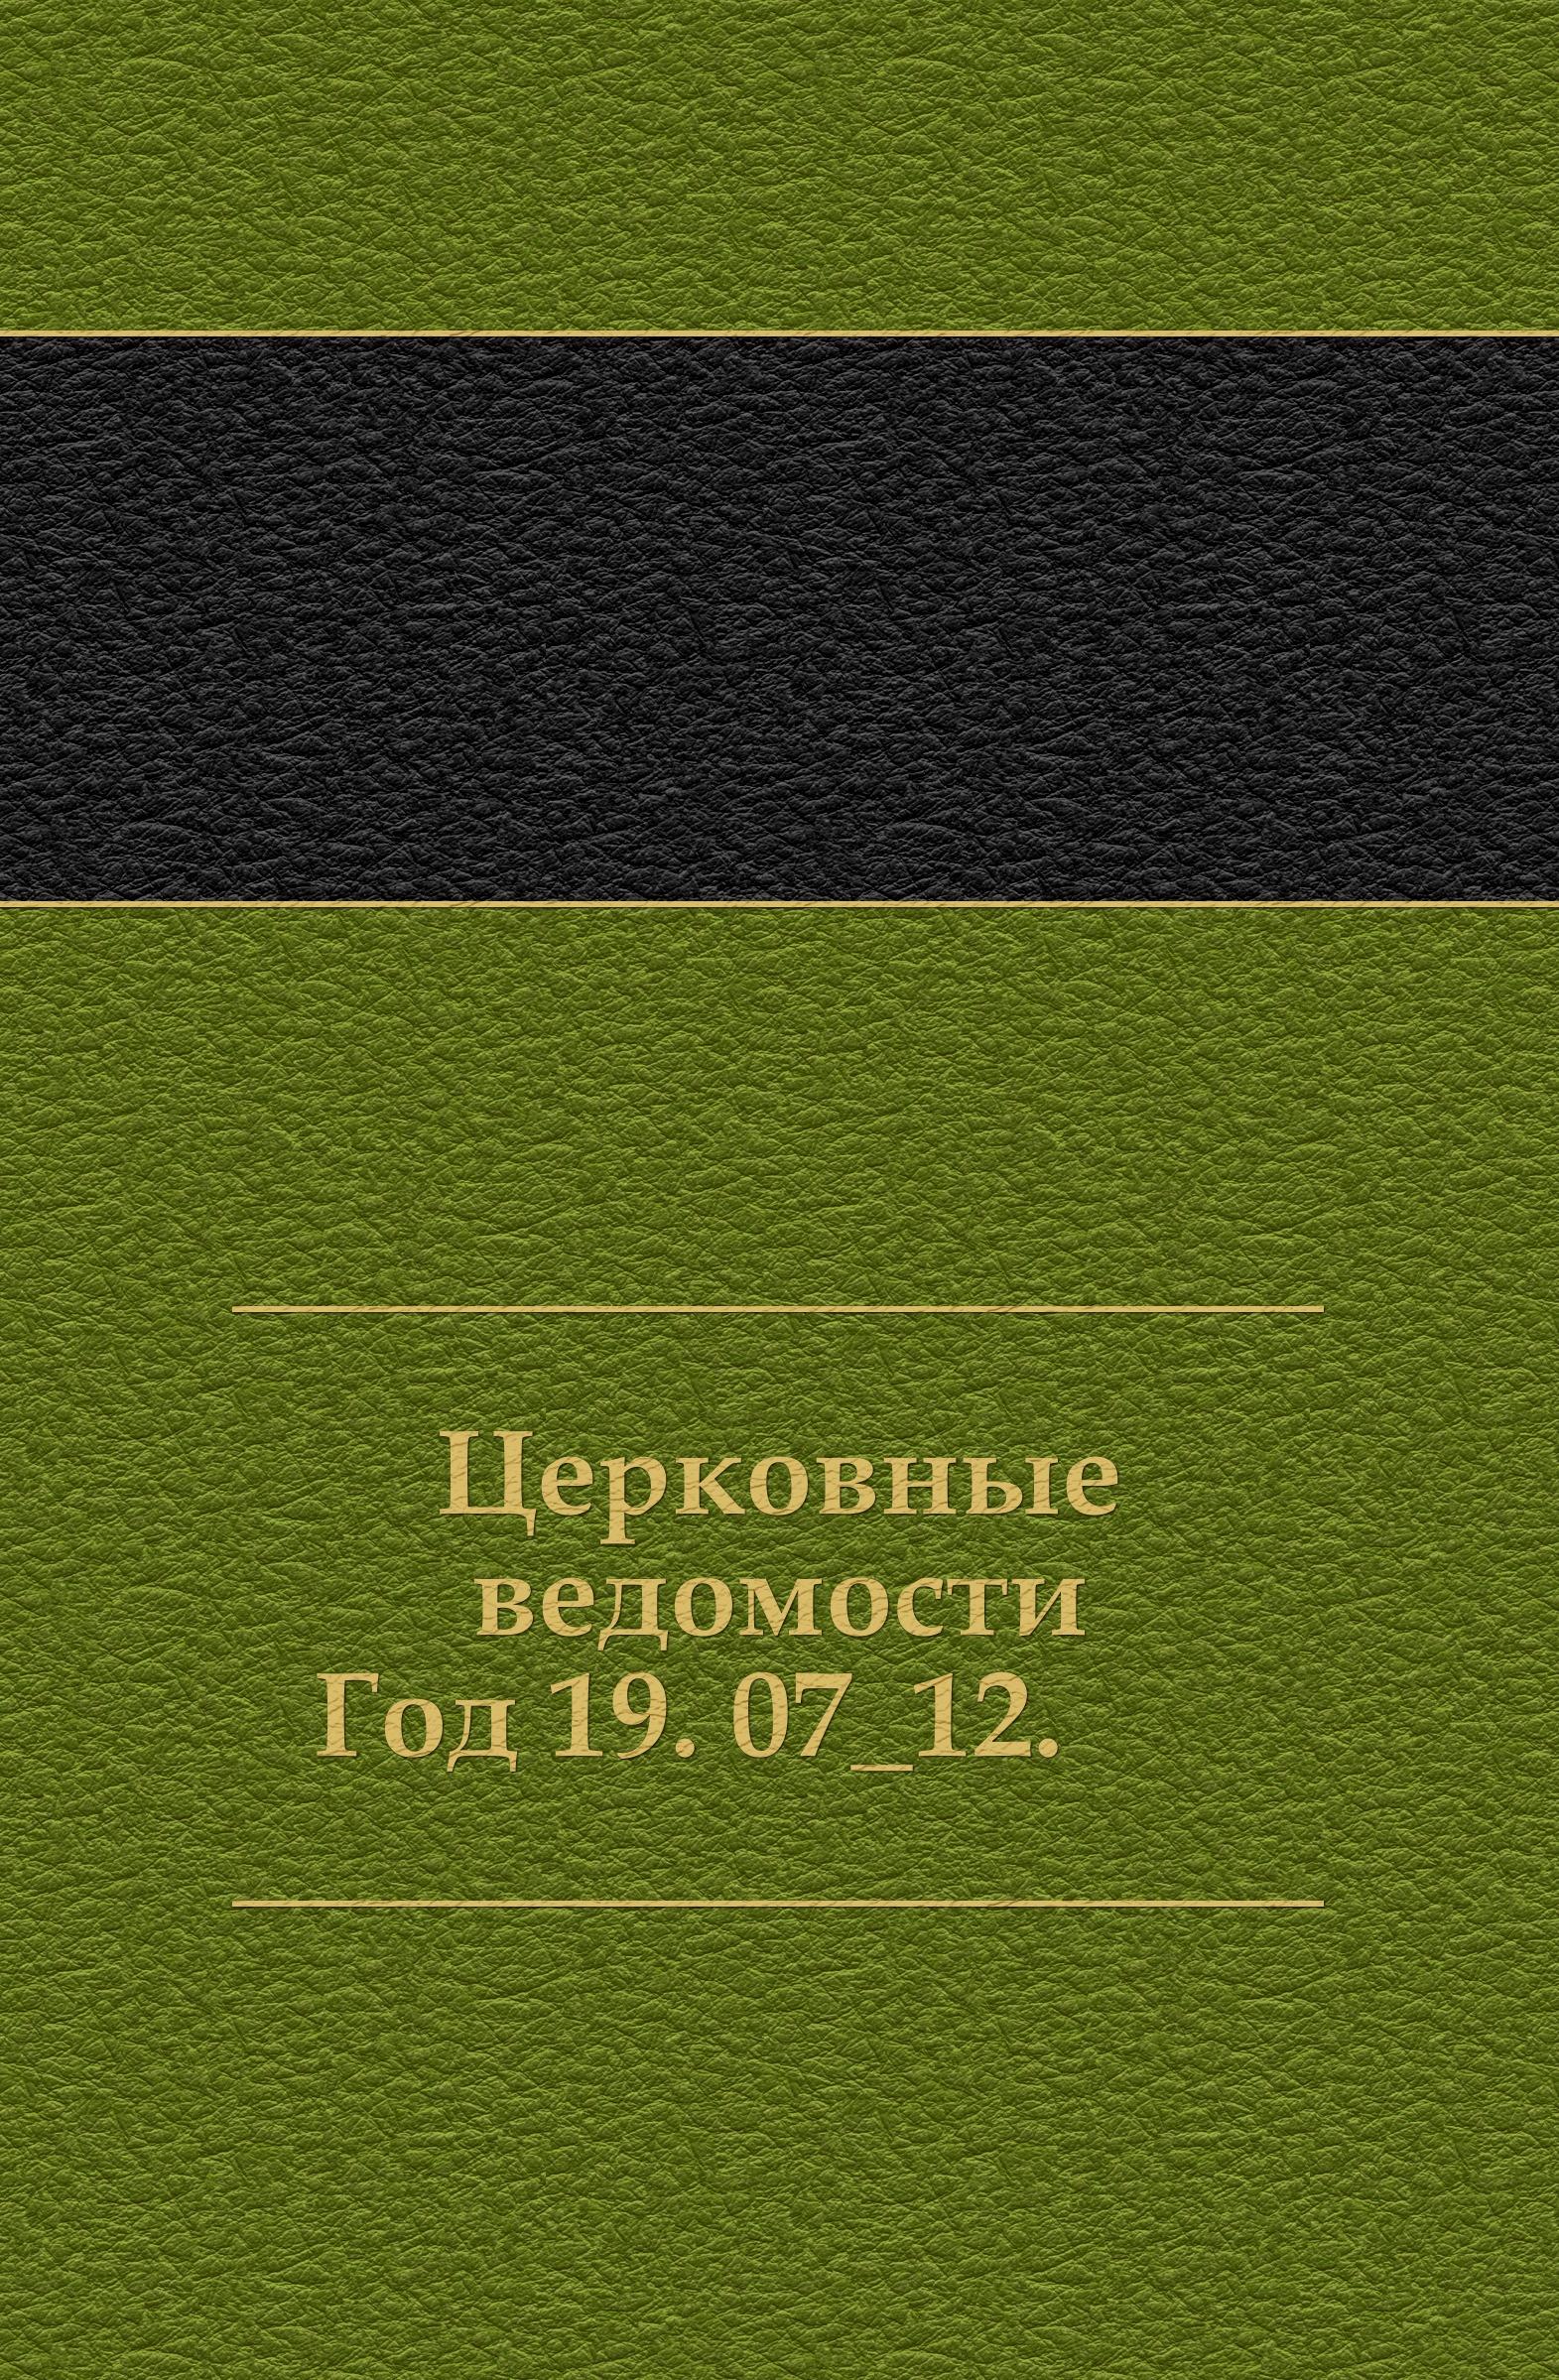 Неизвестный автор Церковные ведомости. Год 19 неизвестный автор церковные ведомости год 17